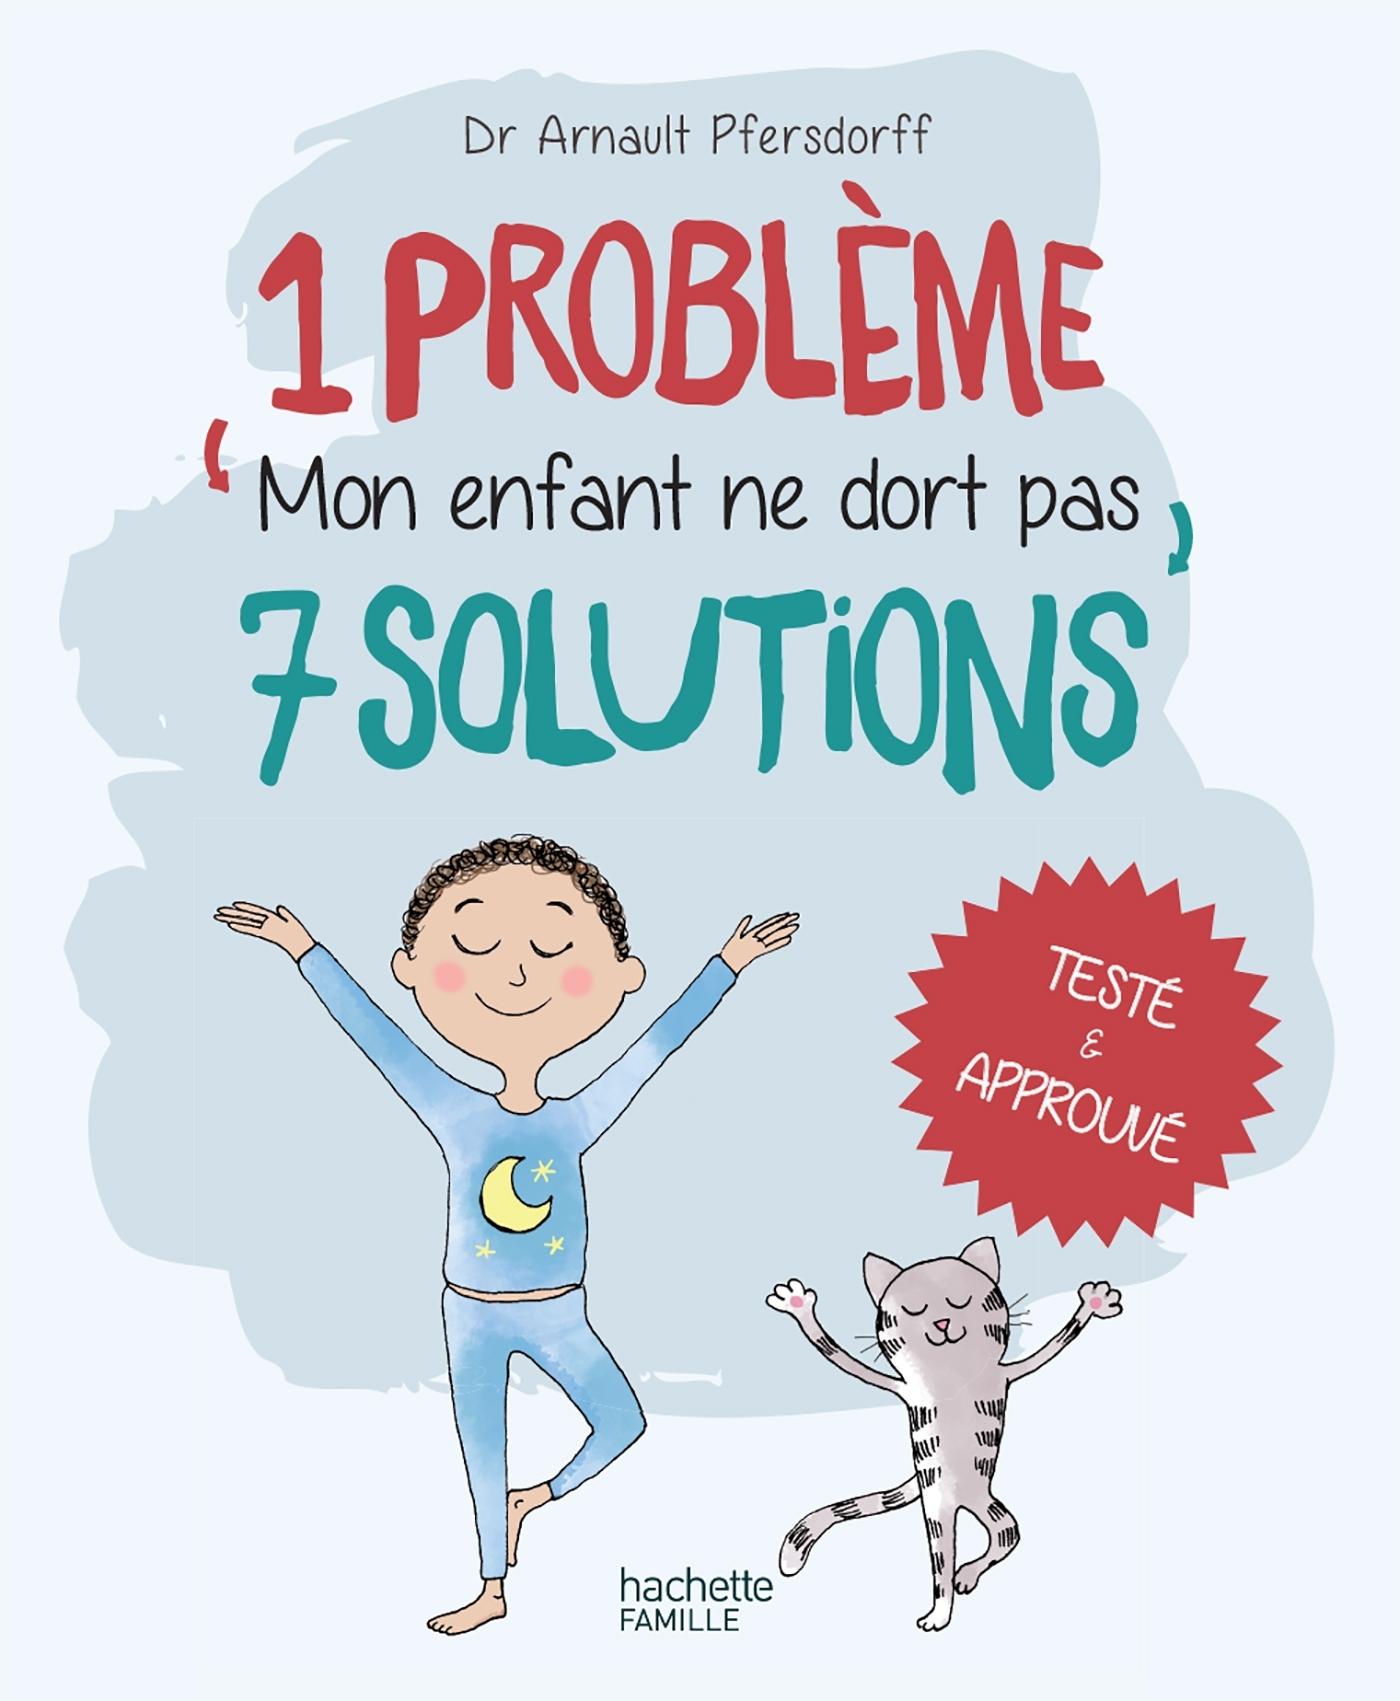 1 PROBLEME 7 SOLUTIONS : MON ENFANT NE DORT PAS